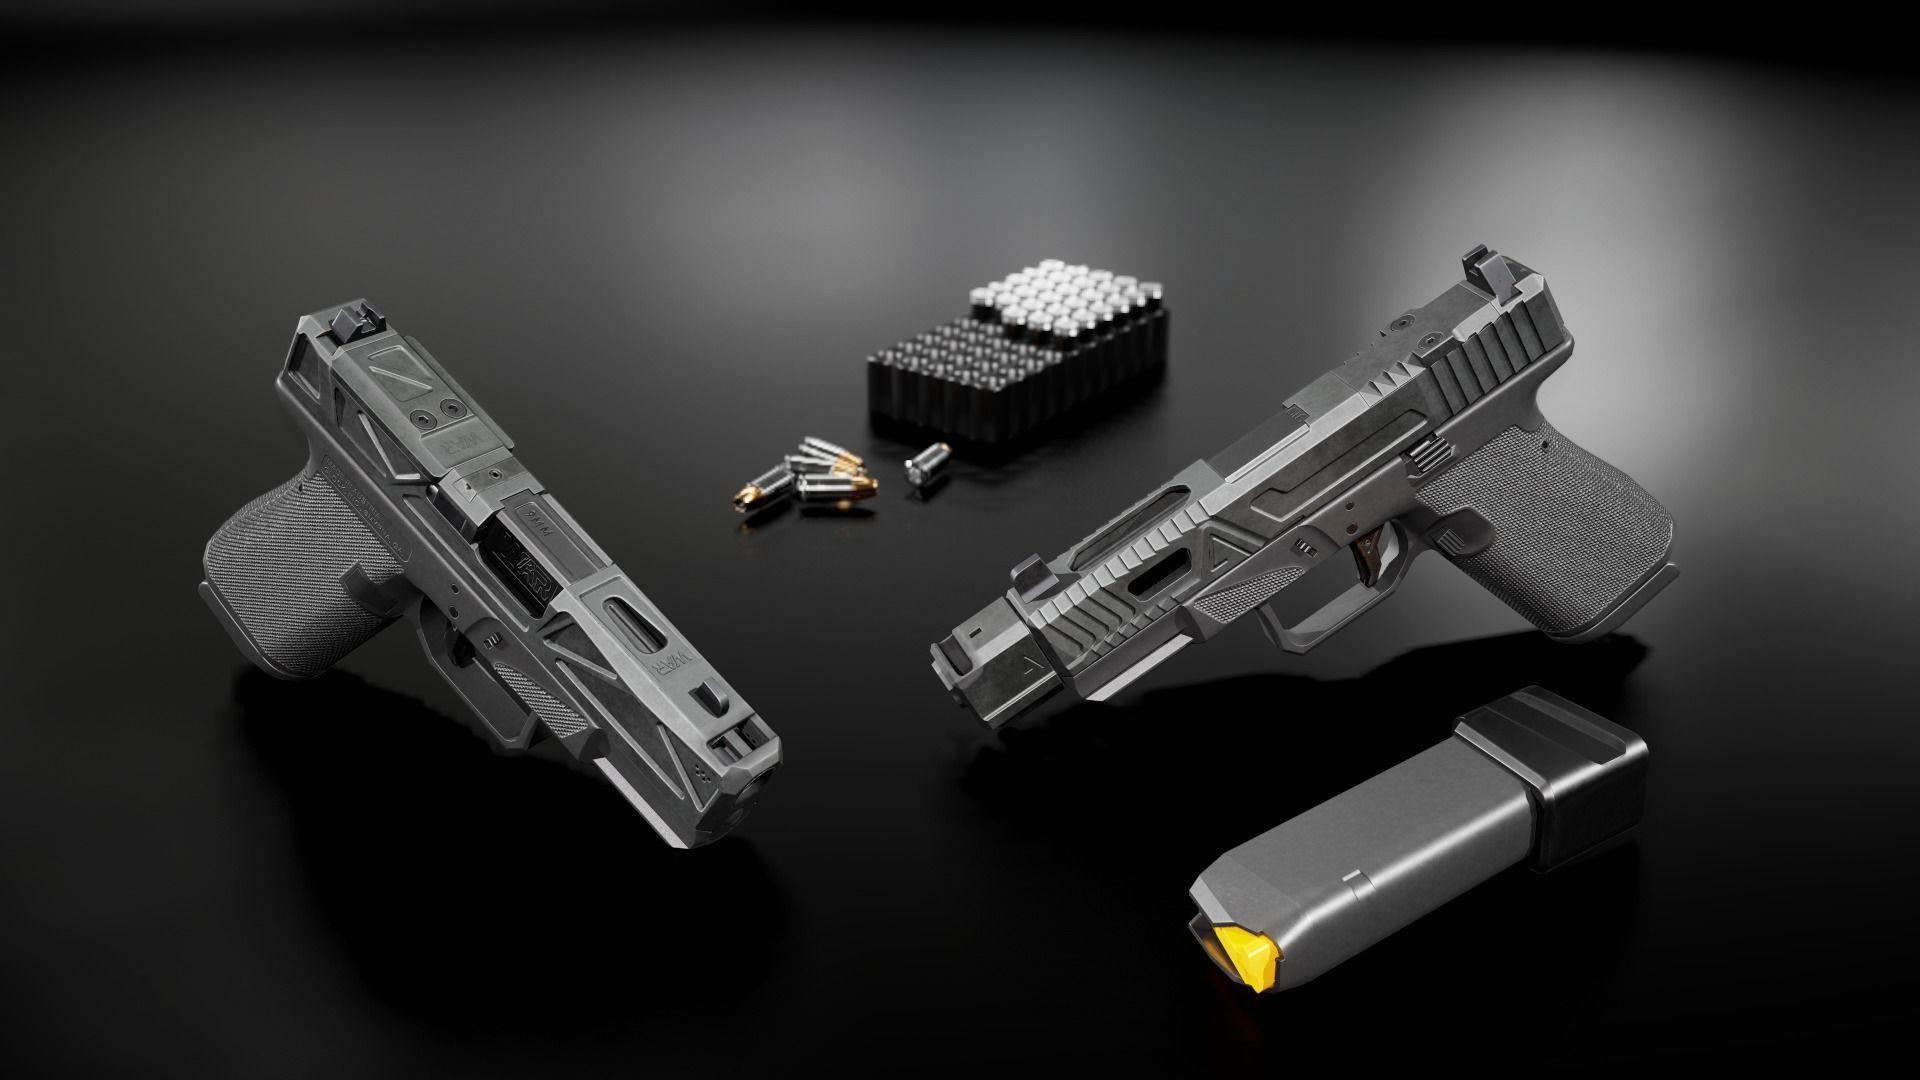 Glock 19 Tactical Handgun